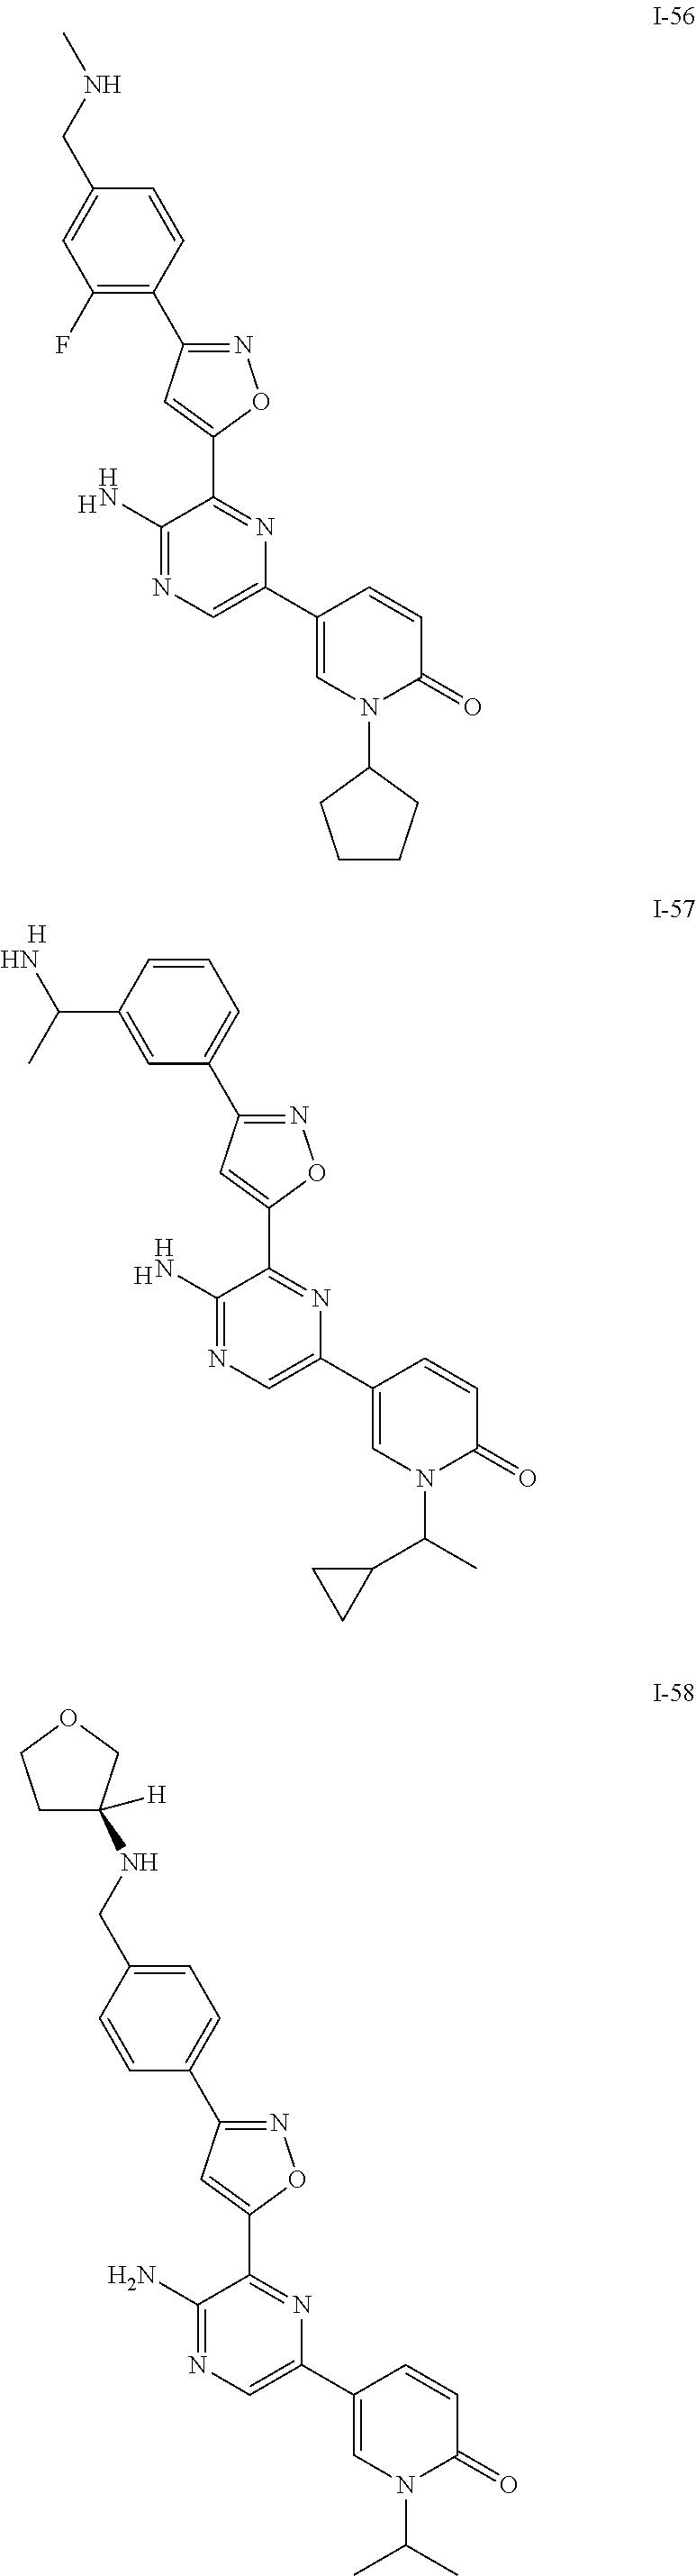 Figure US09630956-20170425-C00236